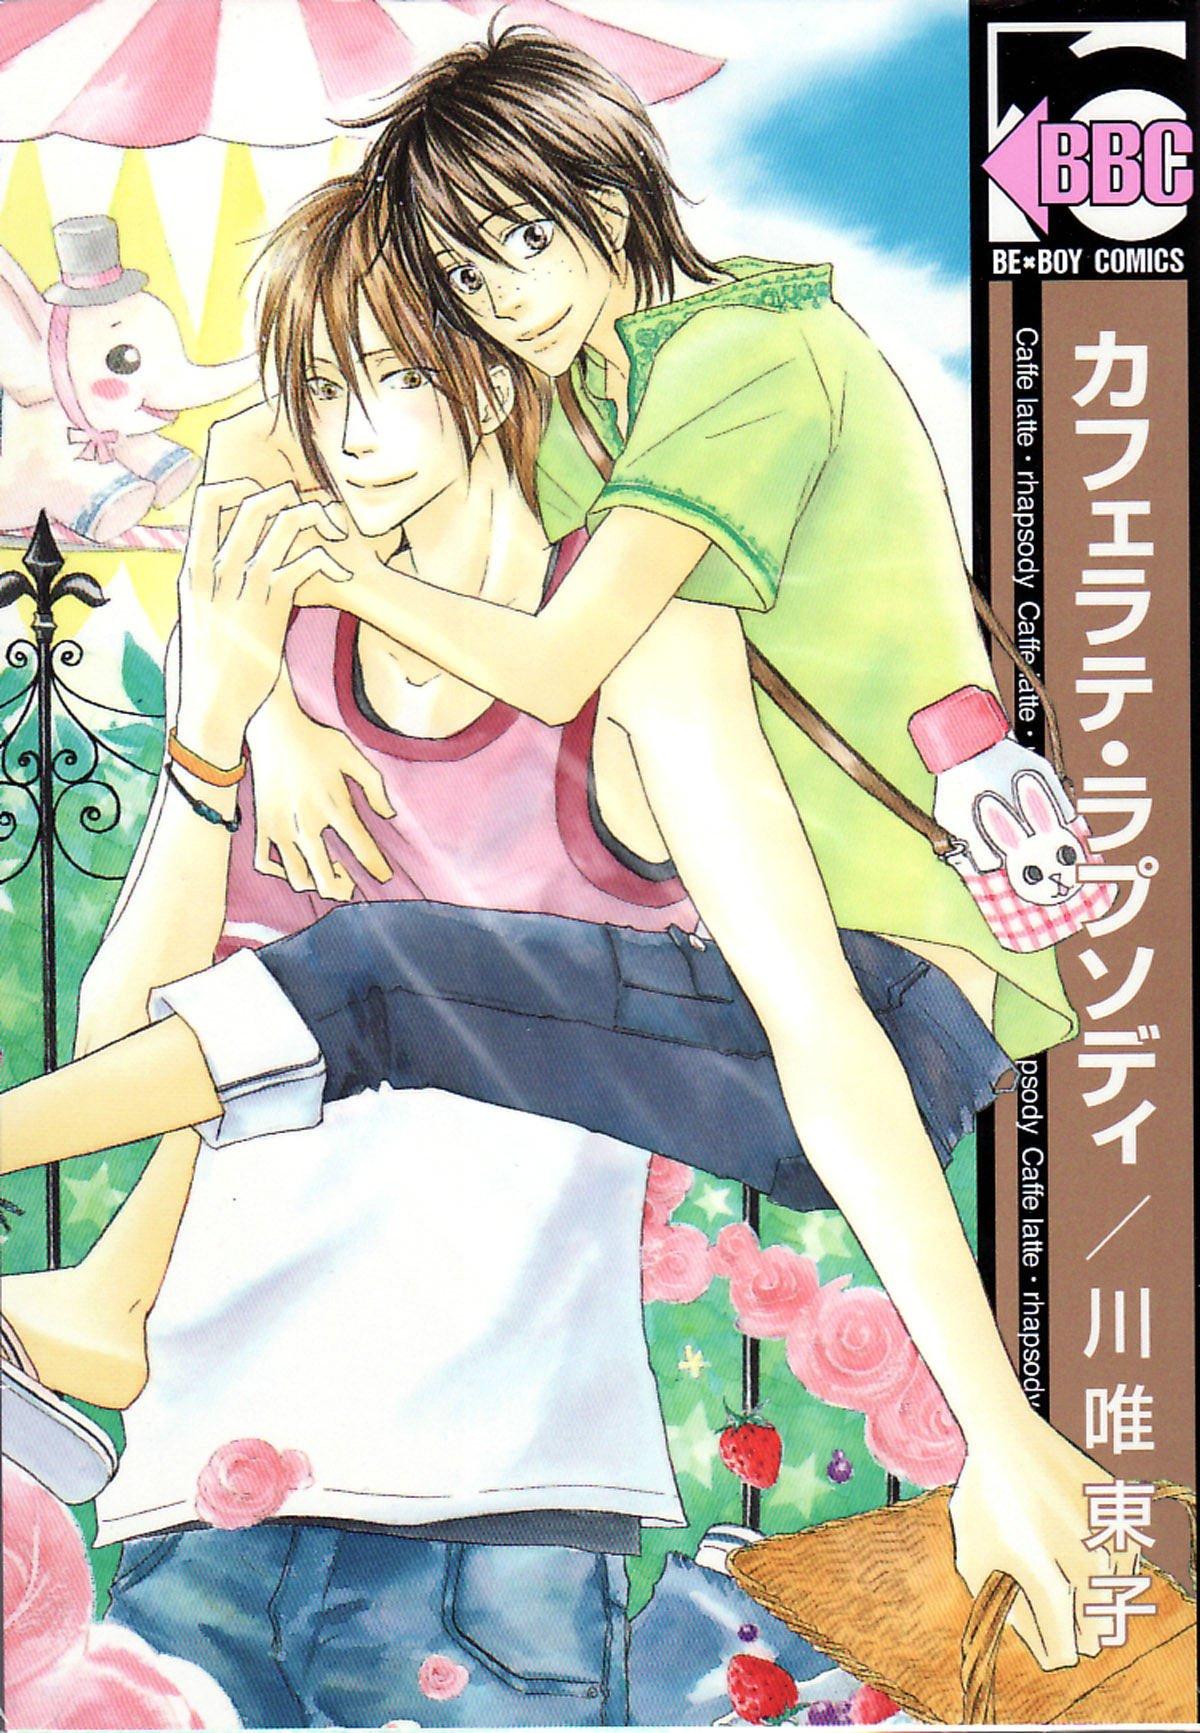 Free gay manga